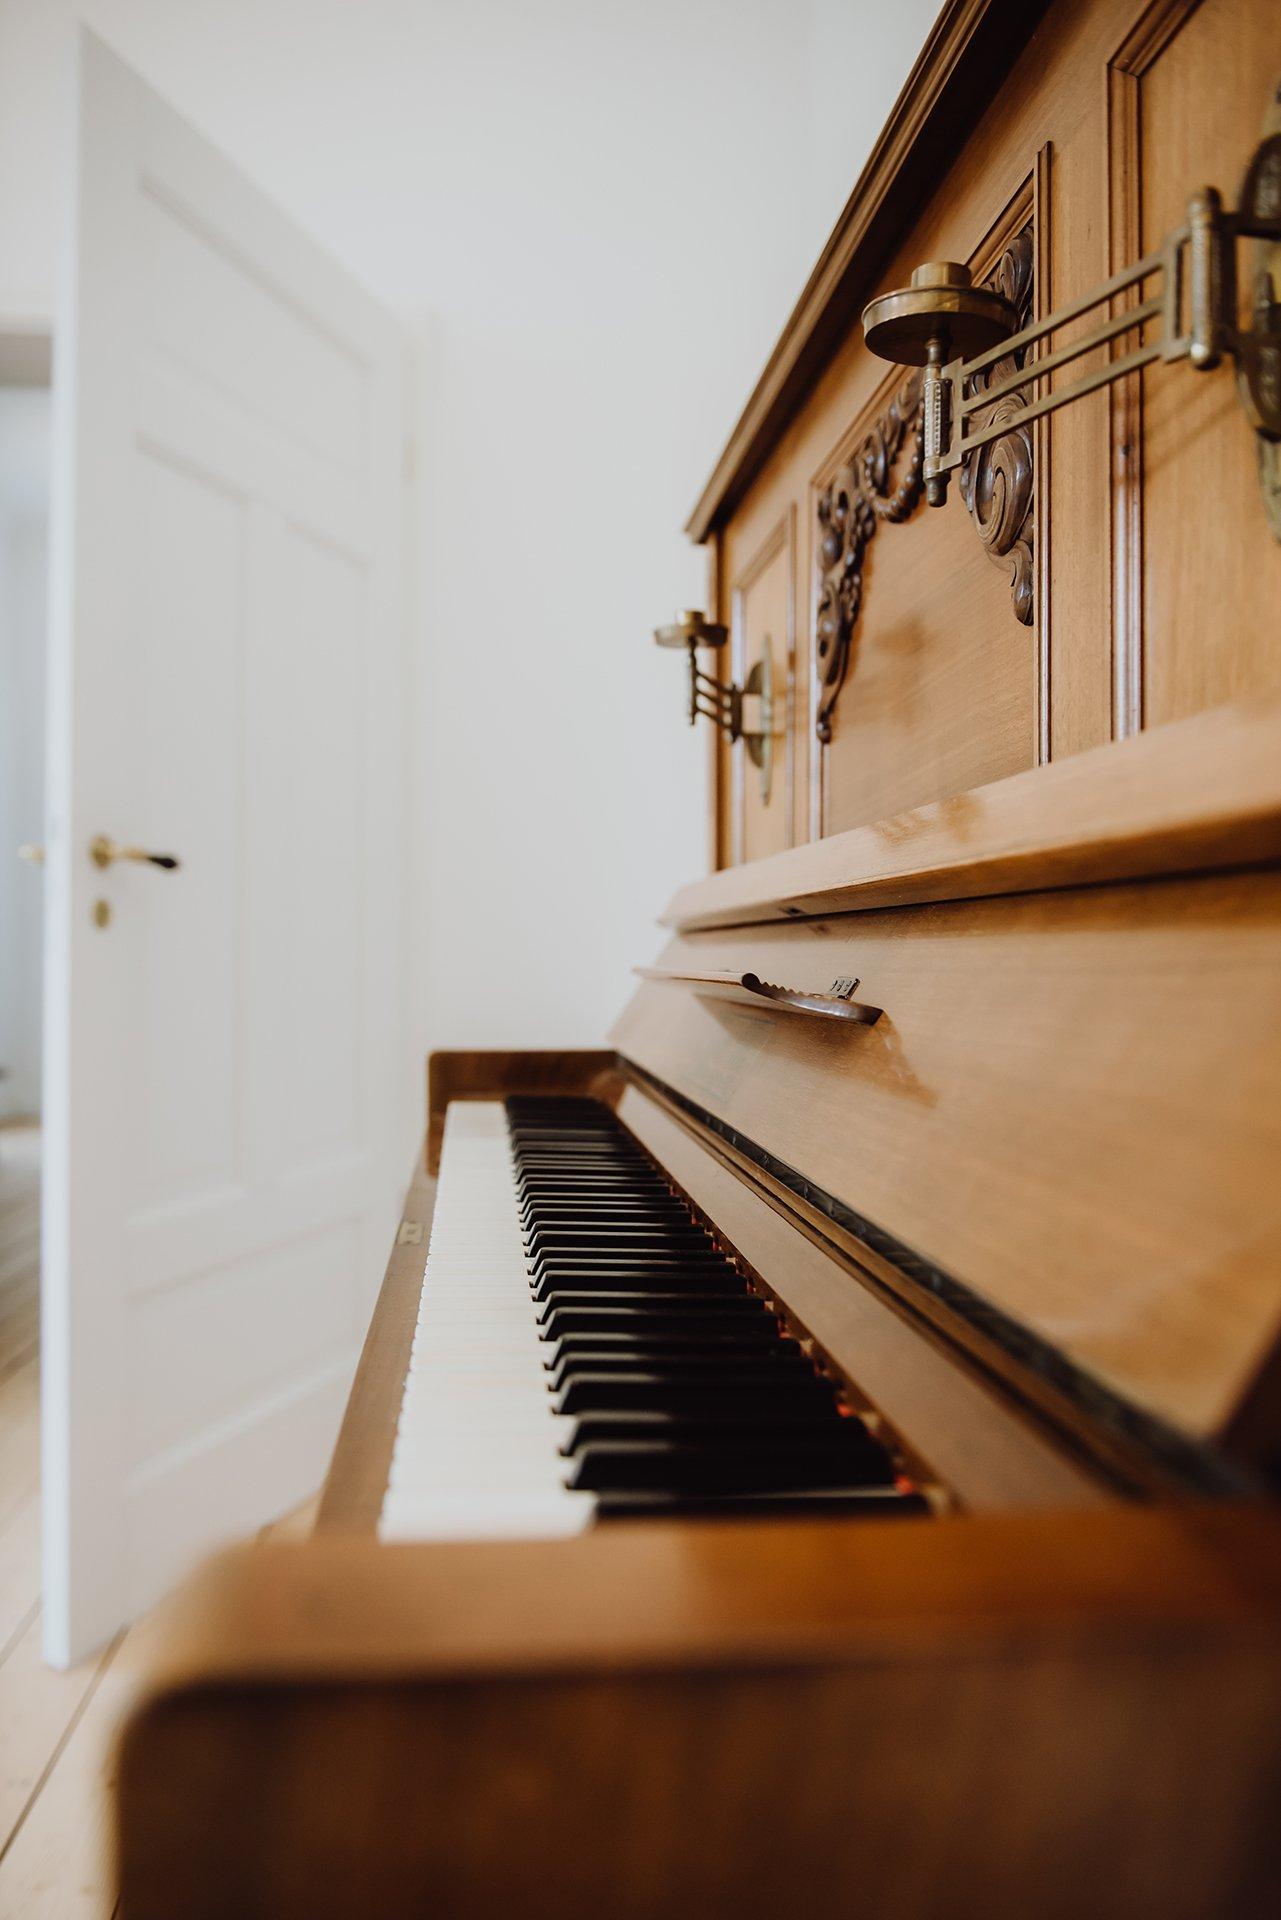 Stimmerei Klavier